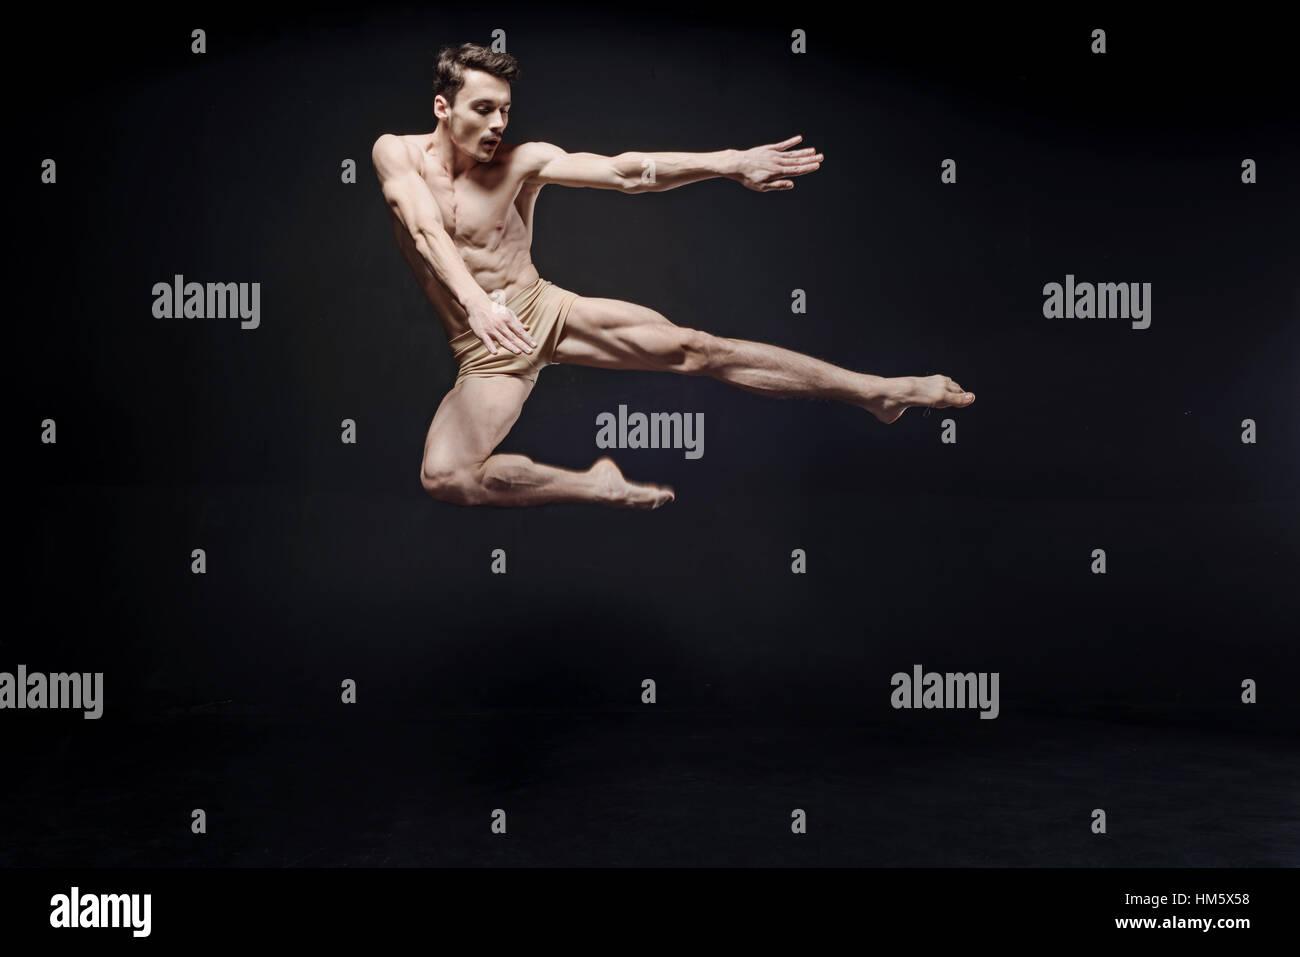 Magistrale ballerina che mostra le sue capacità in aria Immagini Stock